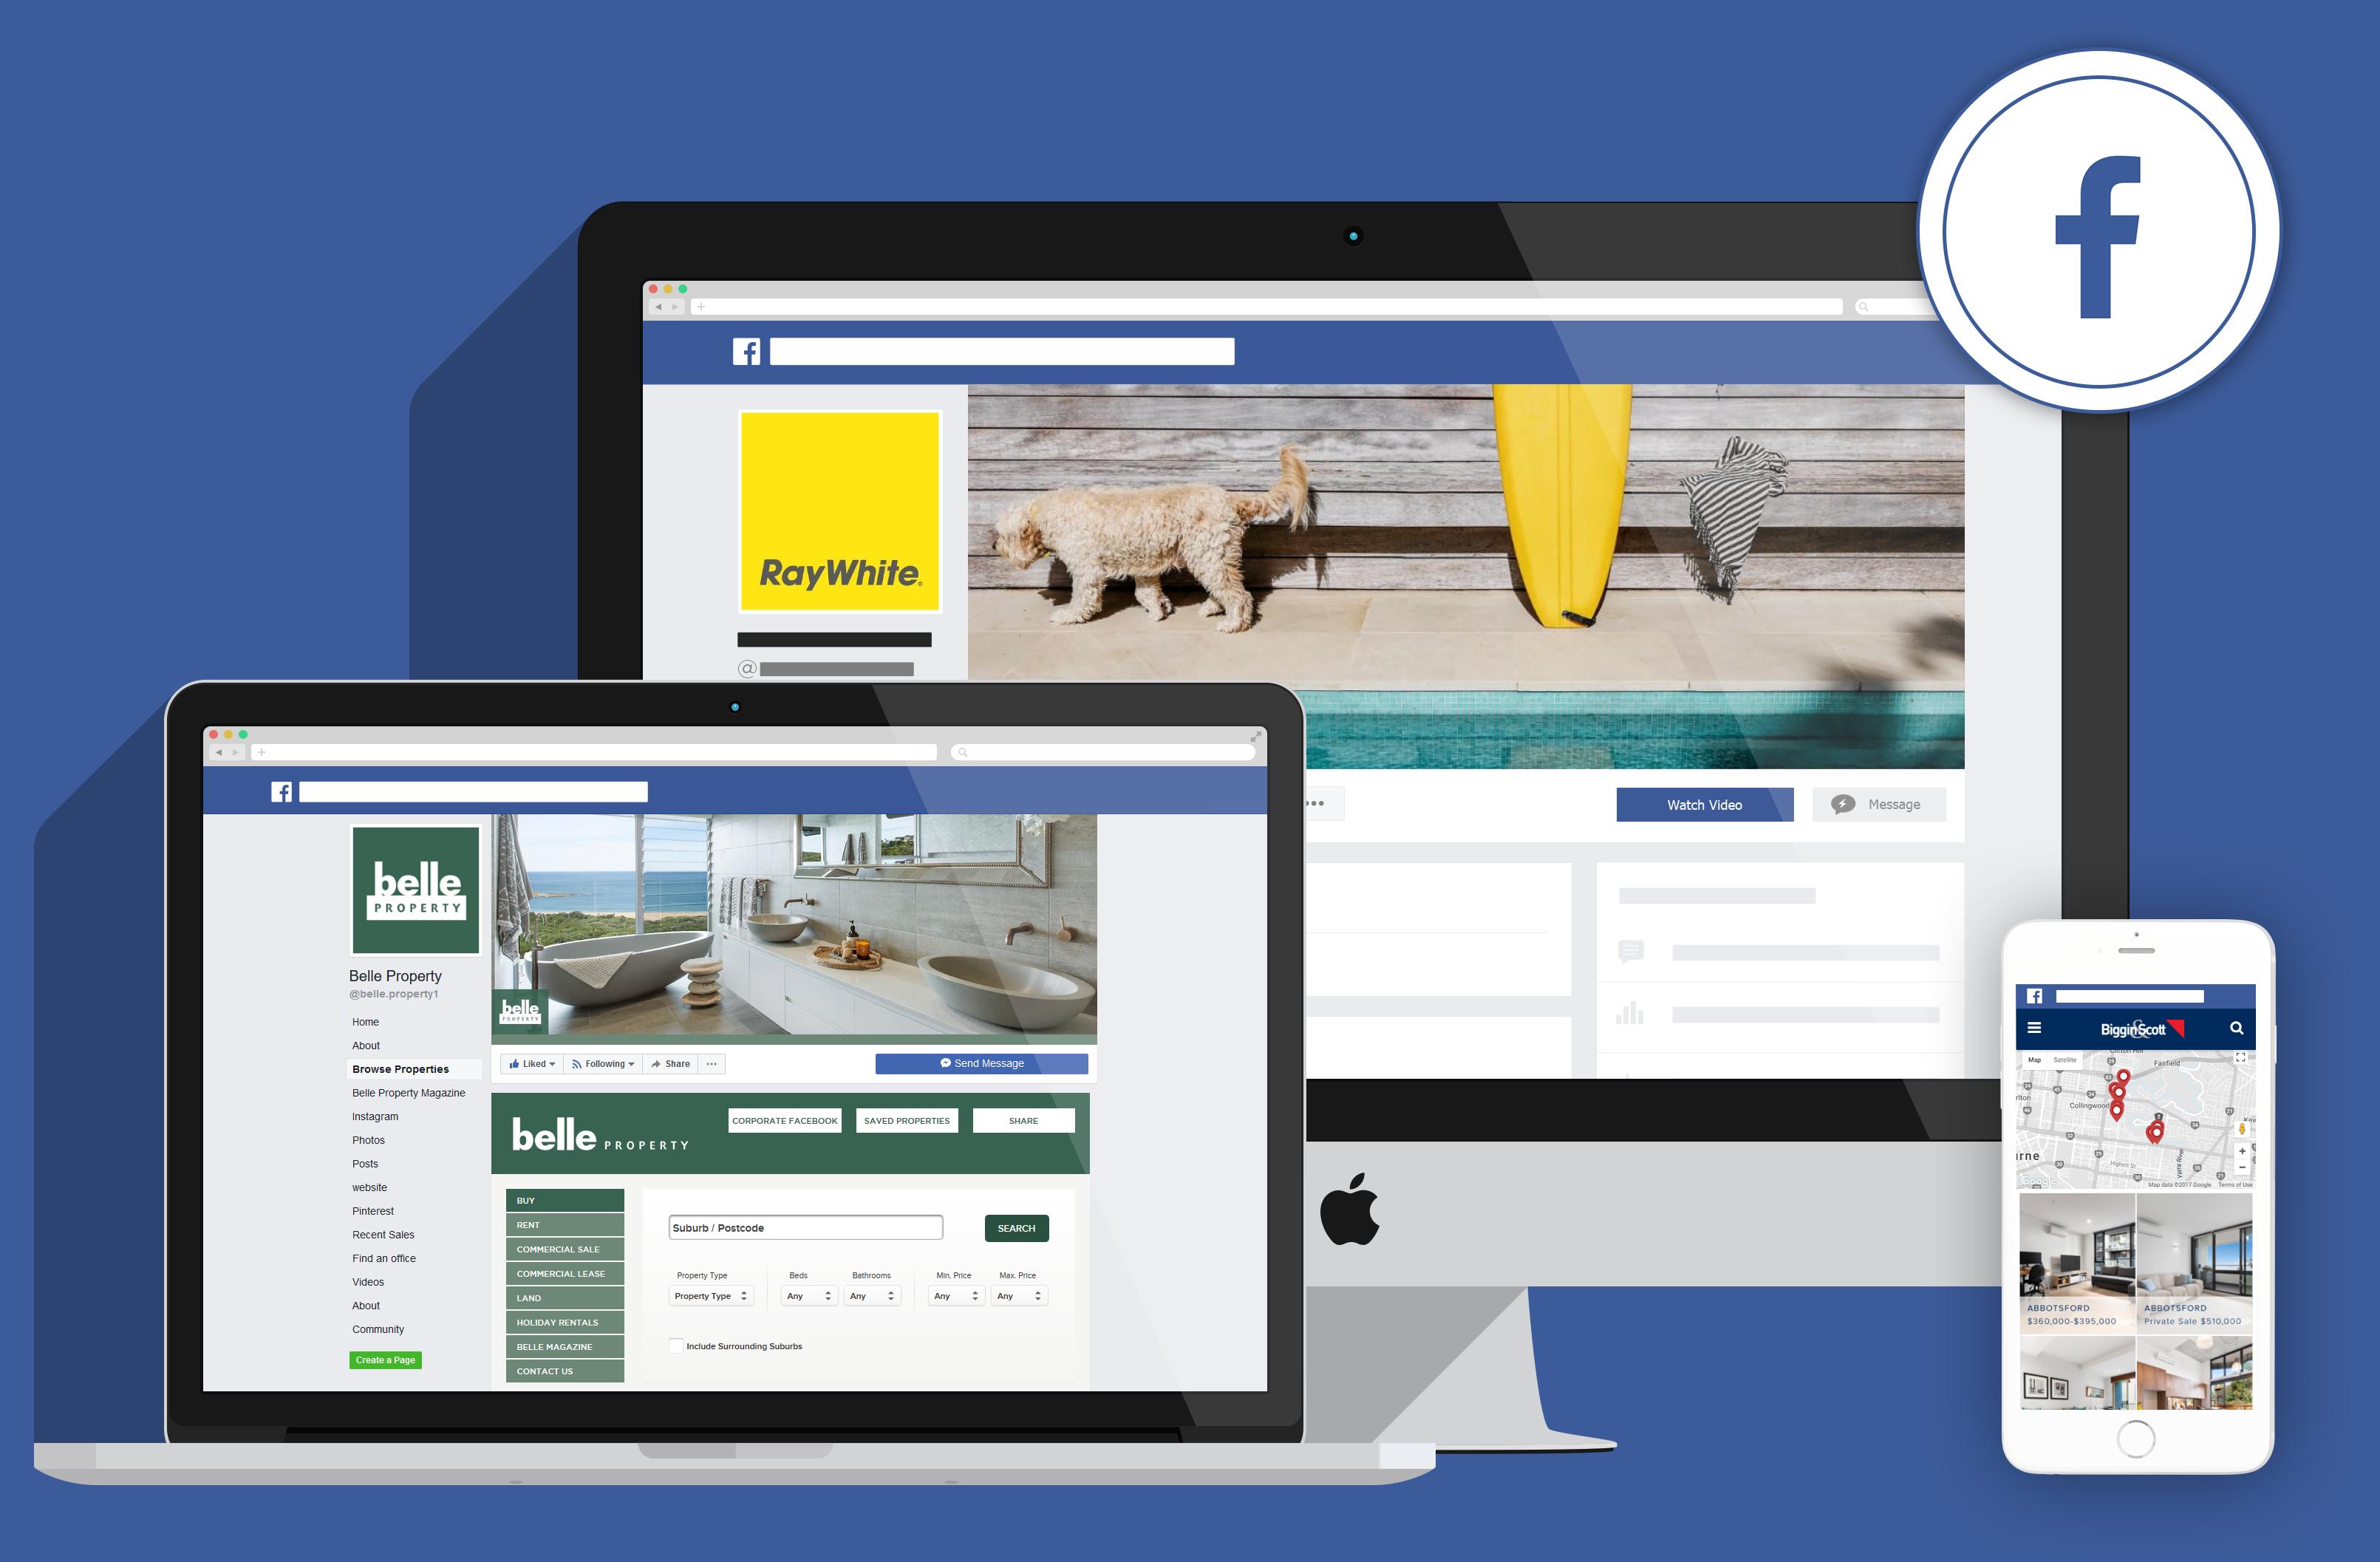 Facebook Real Estate / Property Apps